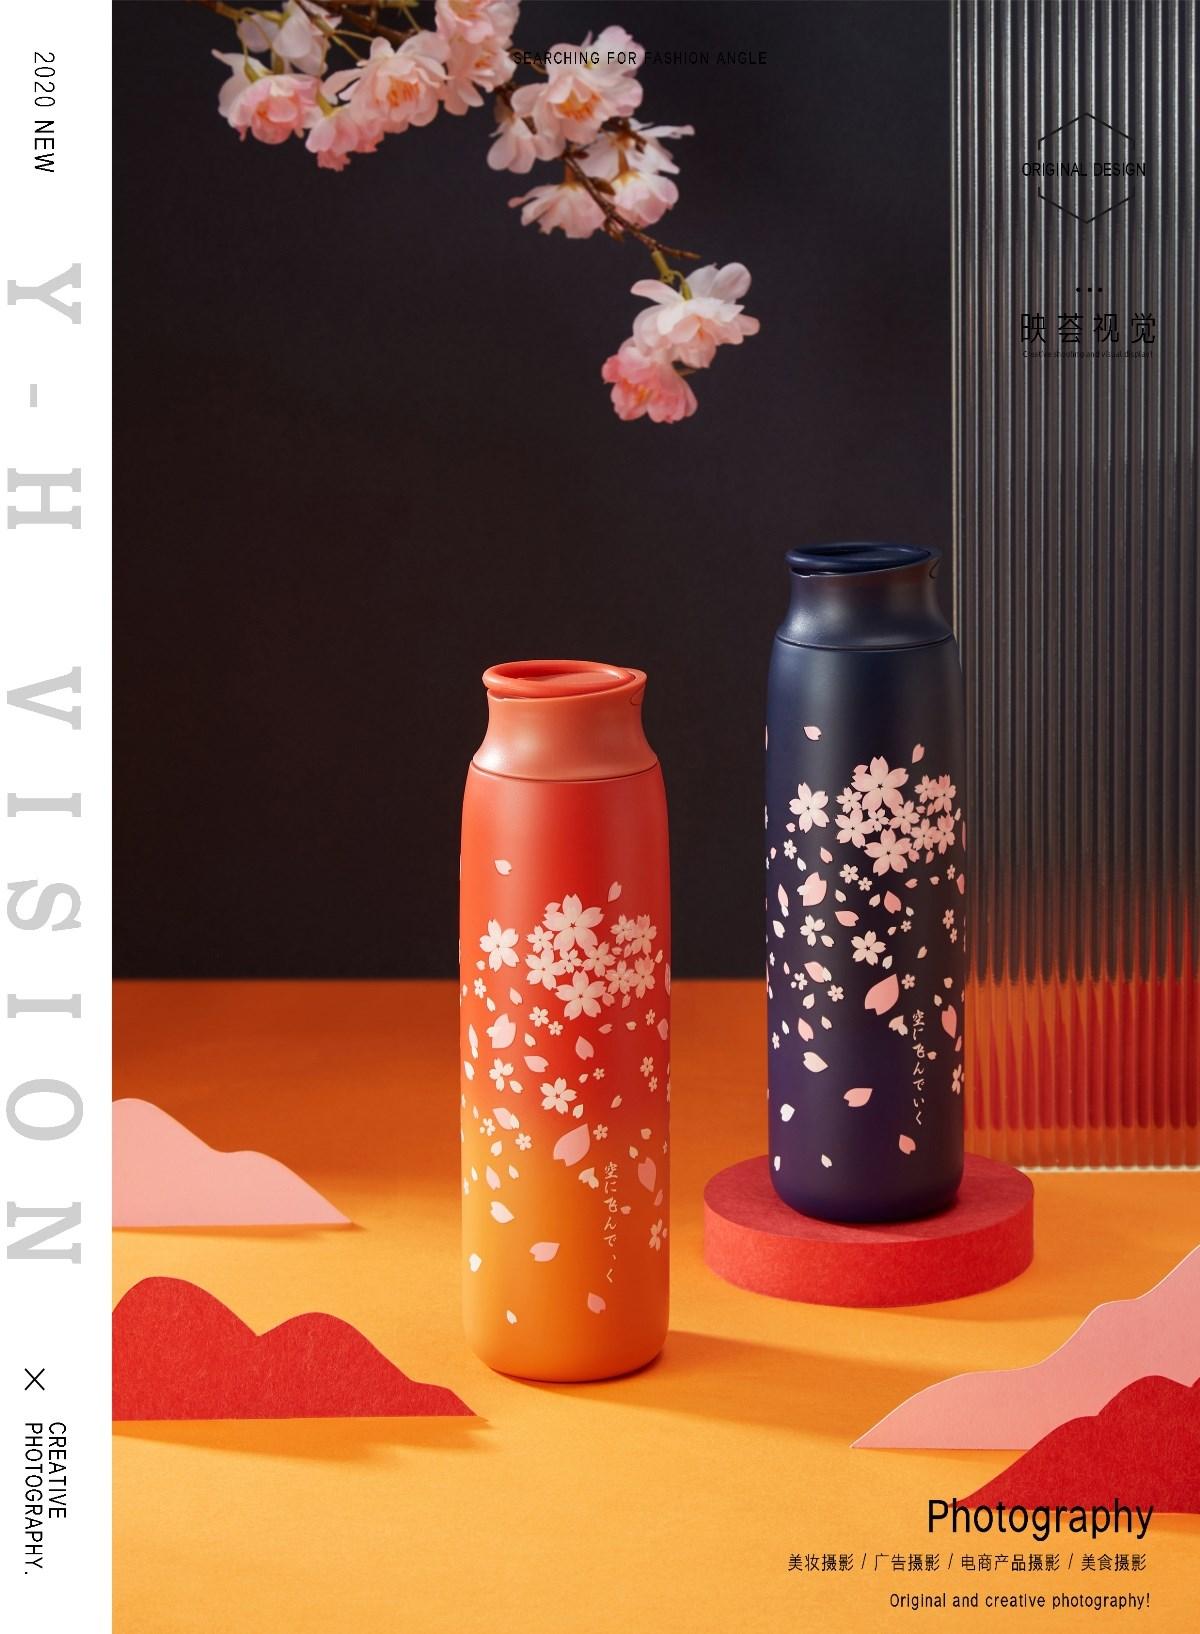 保温杯|日式樱花保温杯产品拍摄